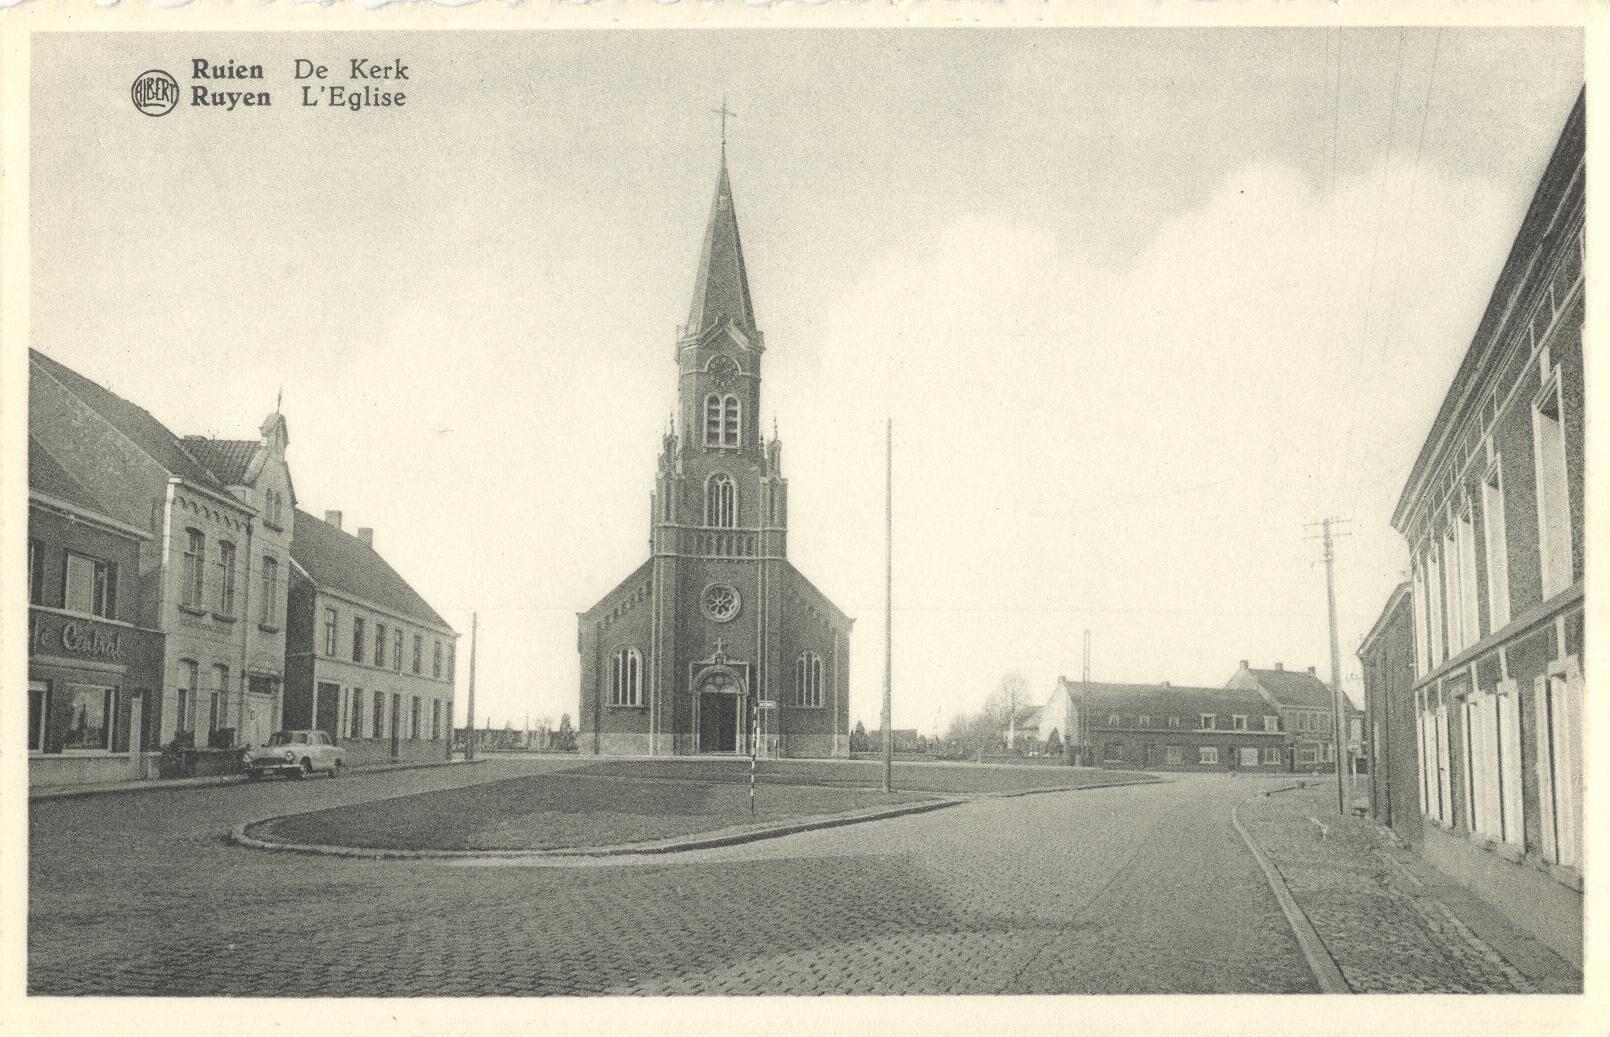 EK 405 Kerk van Ruien